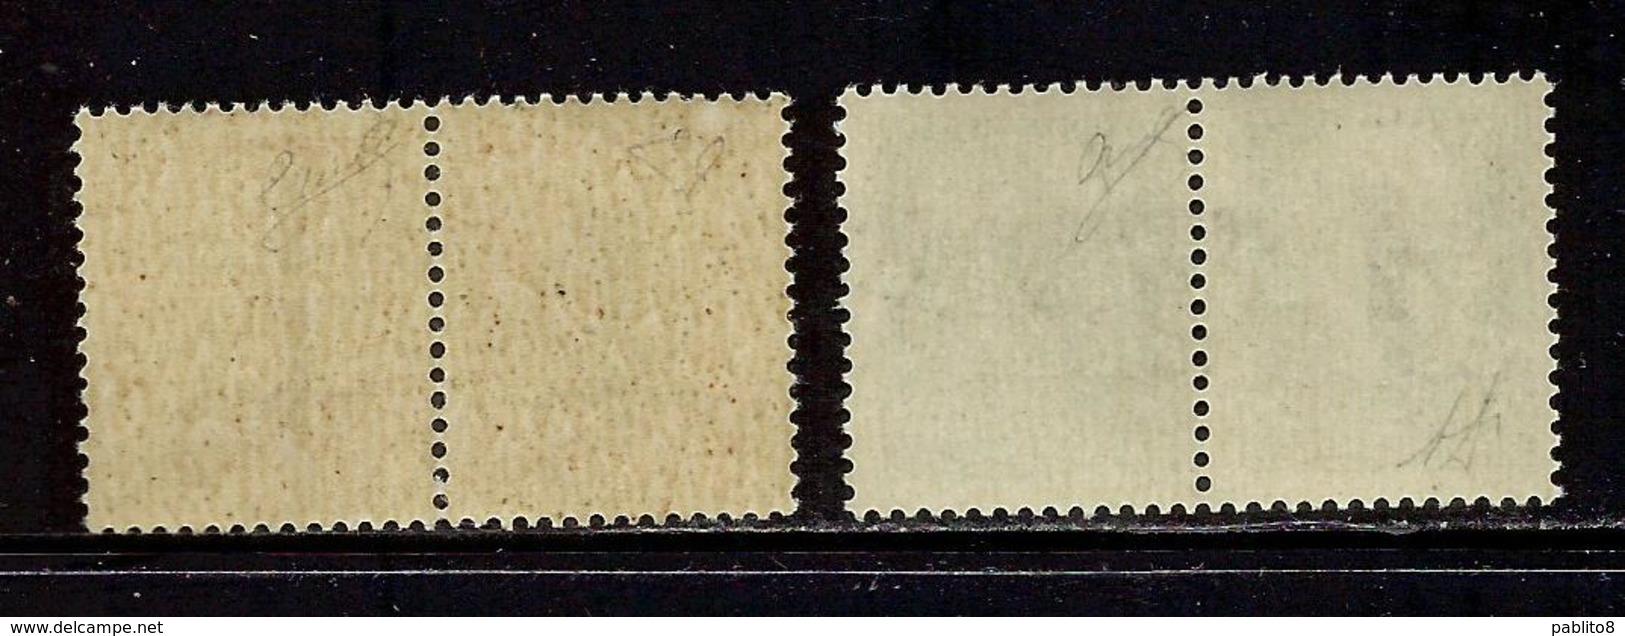 ITALIA REGNO ITALY 1944 VARIETÀ SAGGI REPUBBLICA SOCIALE ITALIANA RSI CENT. 20+20 & 25+25  MNH SAGGIO PROVA CERTIFICATO - 4. 1944-45 Repubblica Sociale